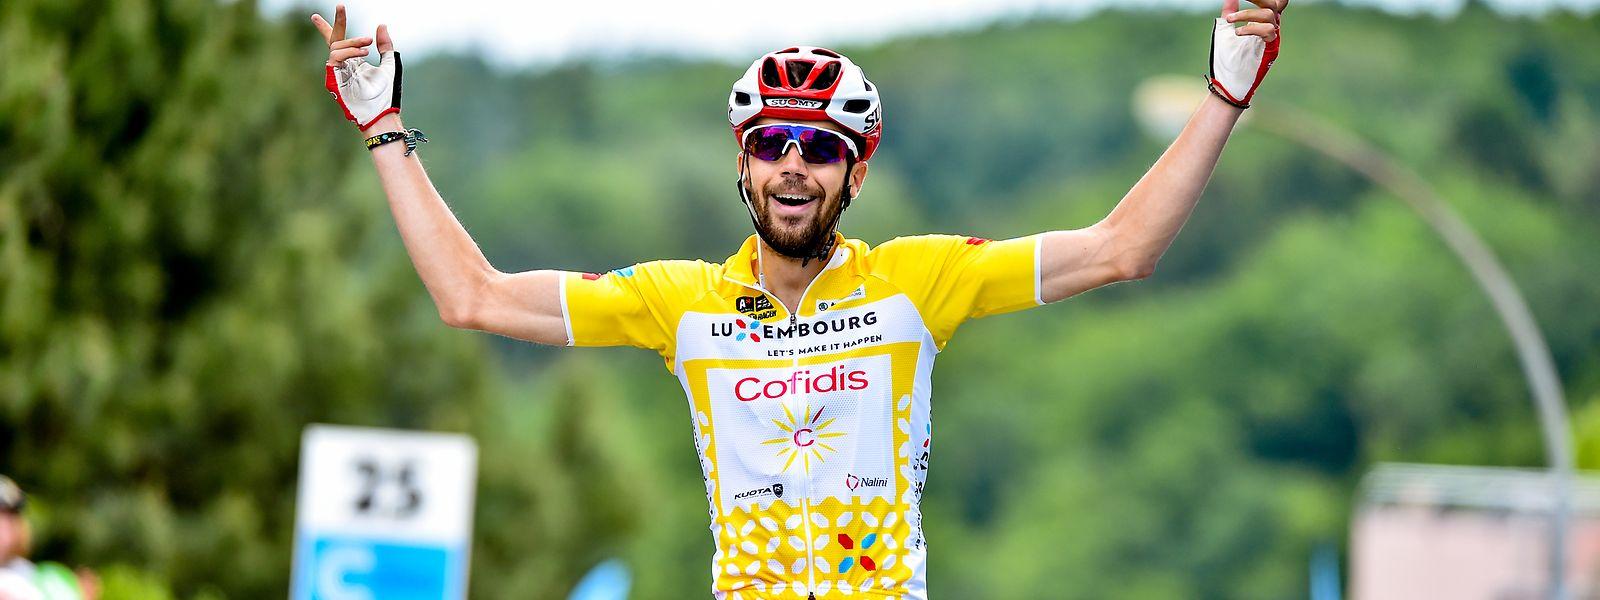 Jesus Herrada kann seinen Titel nicht verteidigen. Er bestreitet derzeit die Tour de France.